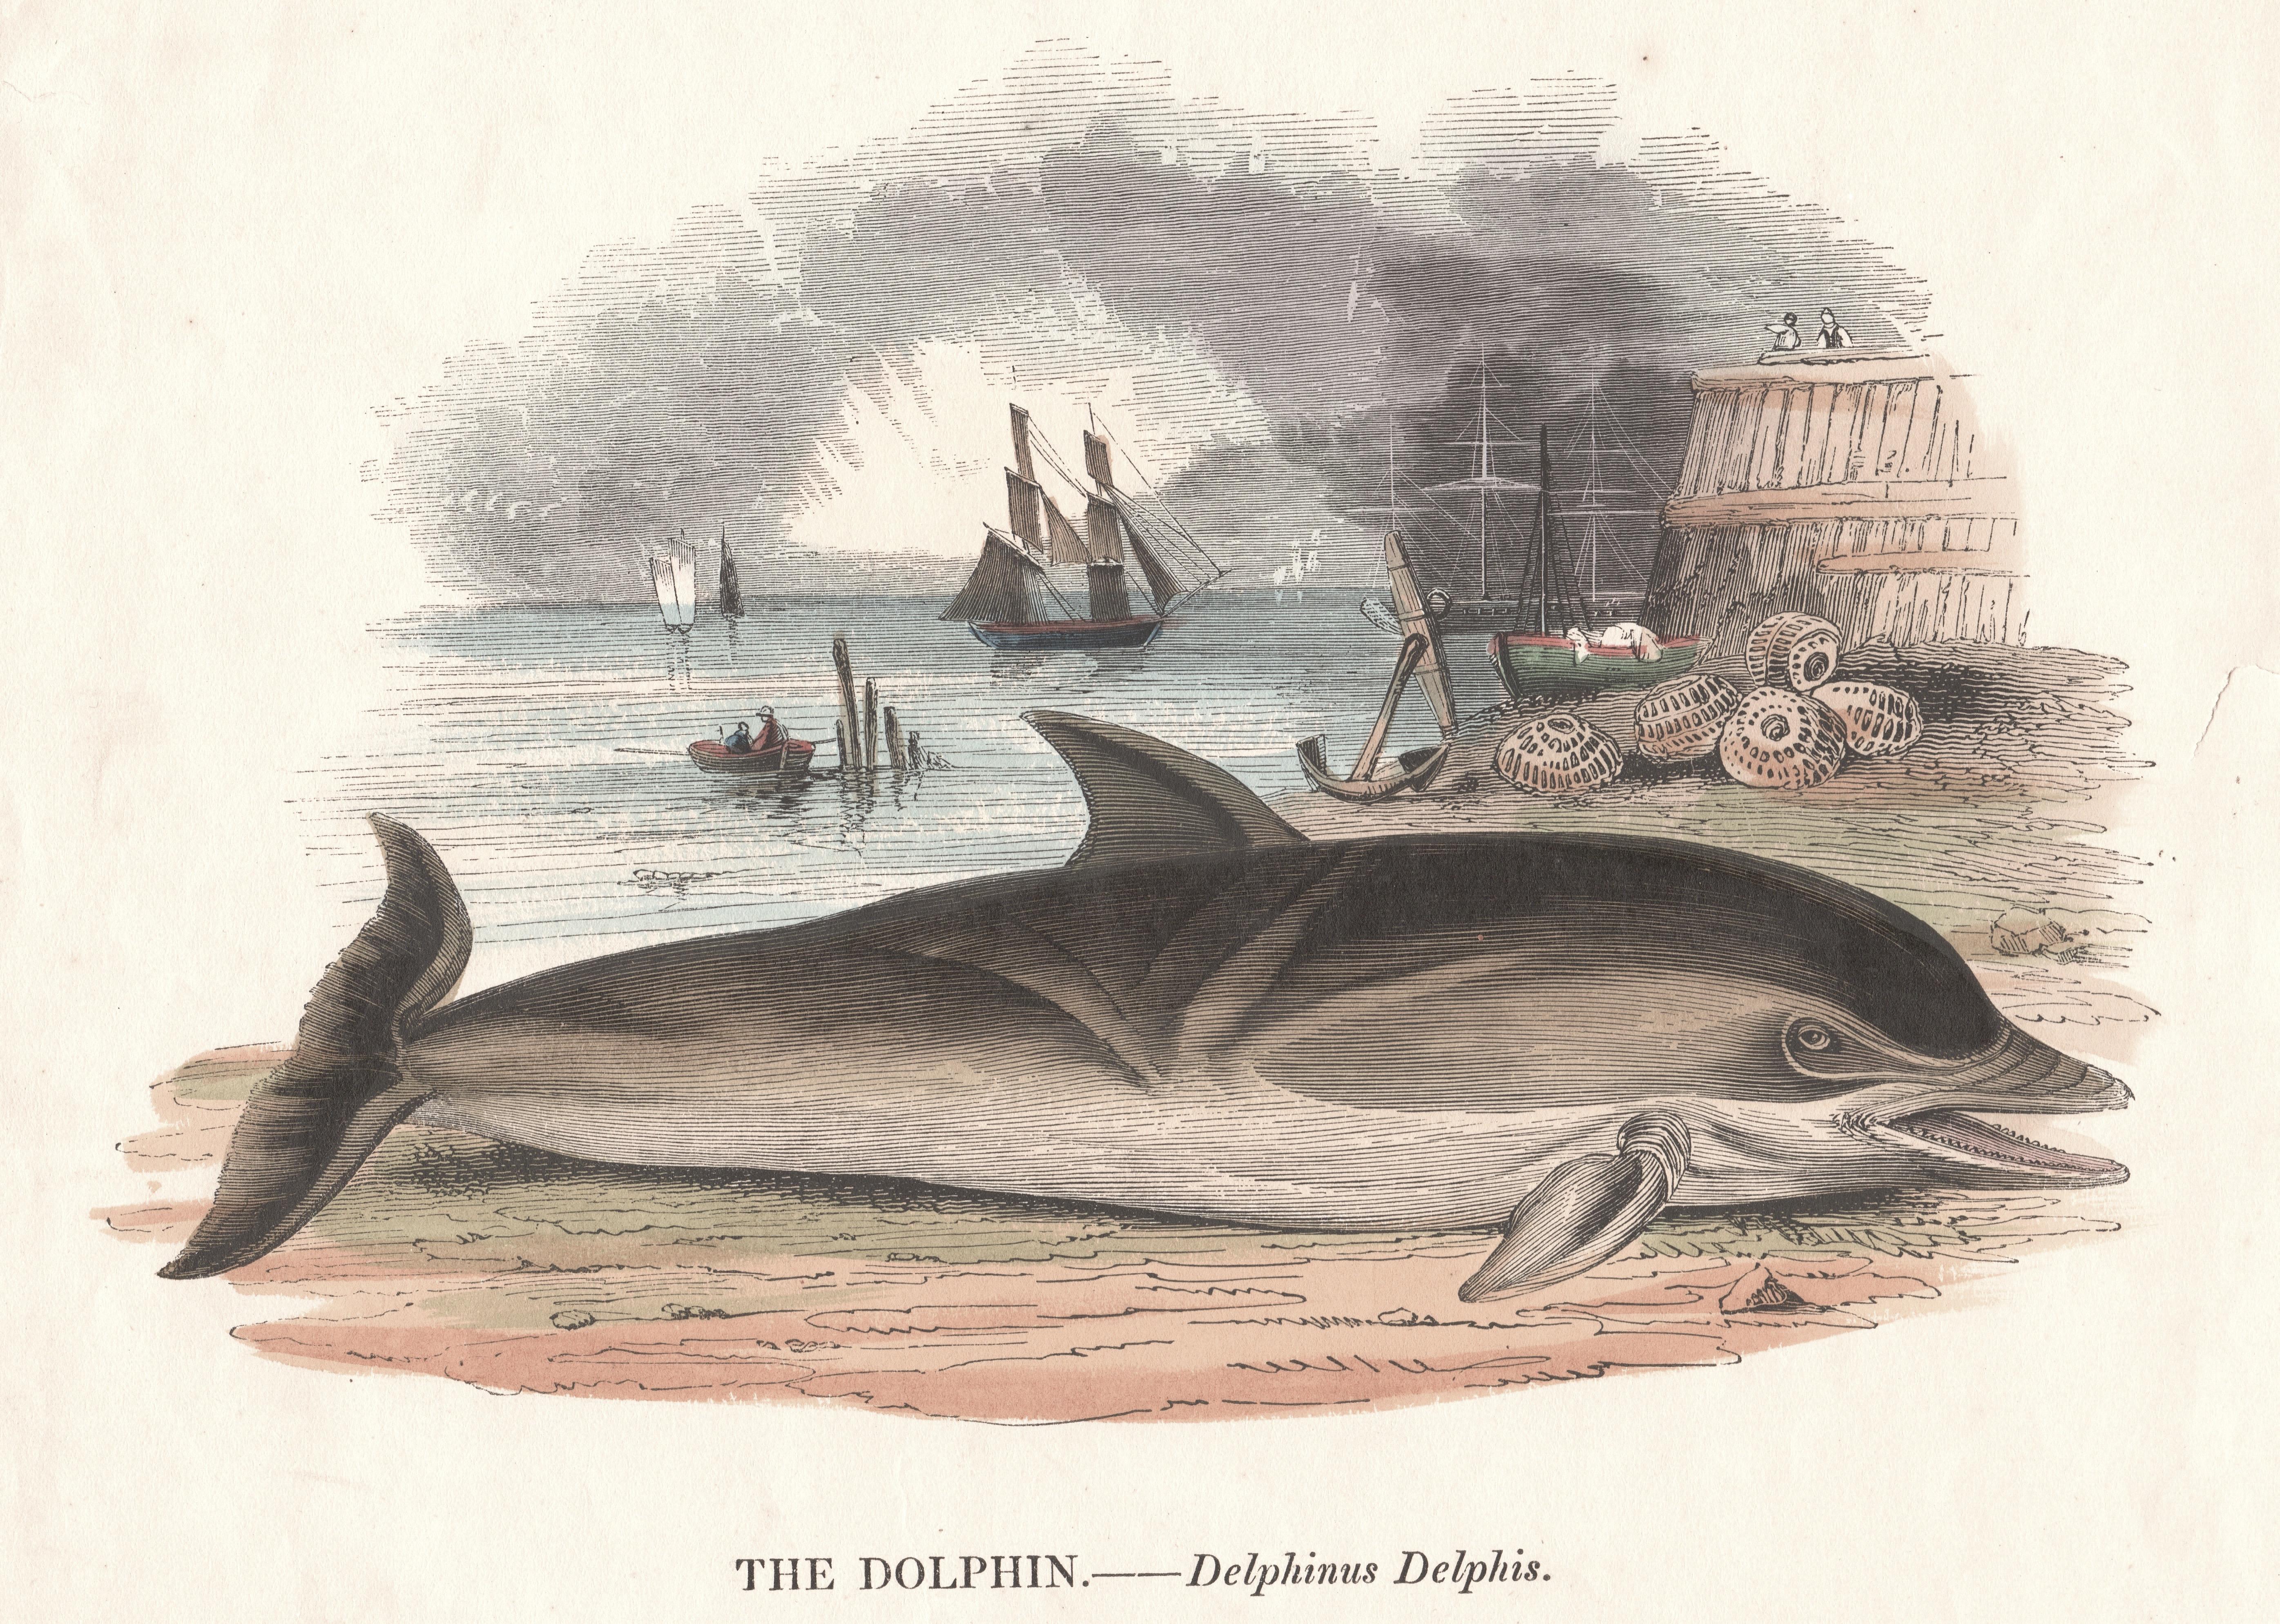 Clay R. The Dolphin. Delphinus Delphis.